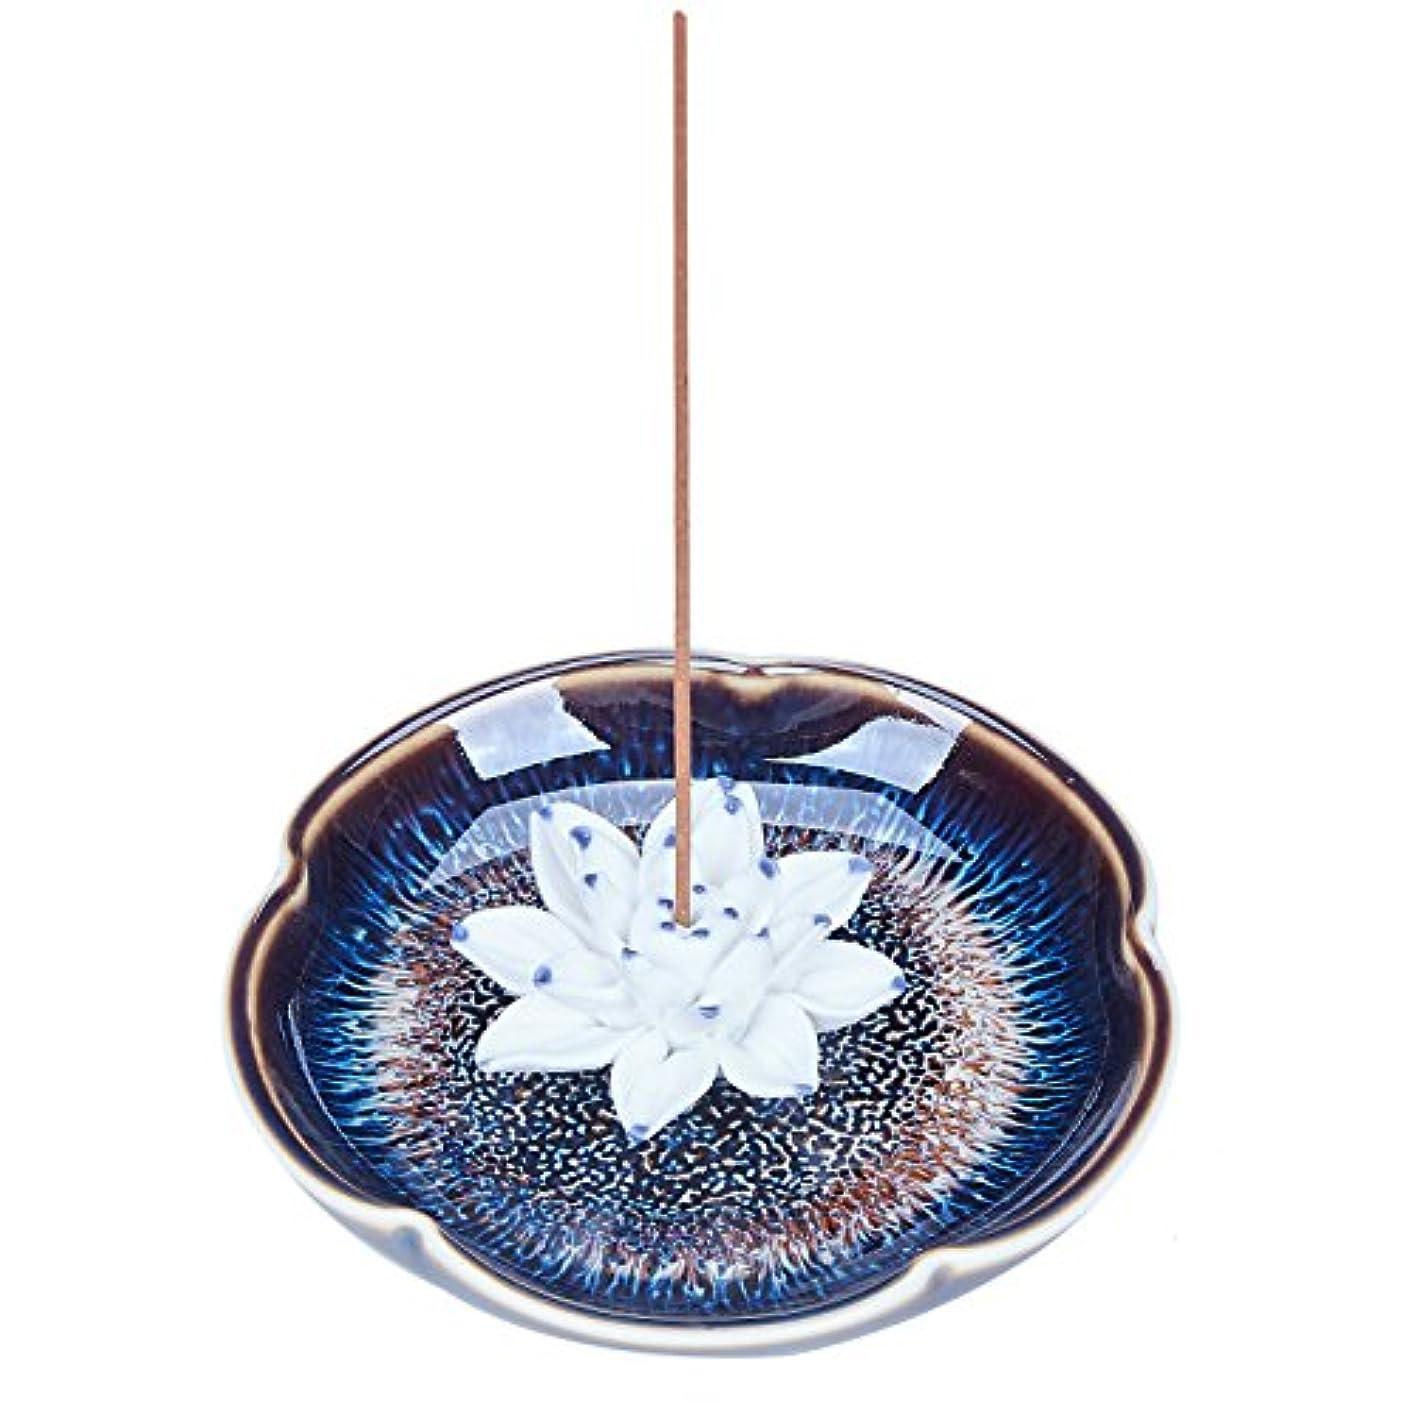 終わらせる排気黄ばむUOON Incense Stick Burner Holder - Handmade Ceramic Lotus Flower Incense Burner Bowl Ash Catcher Tray Plate (Lake...